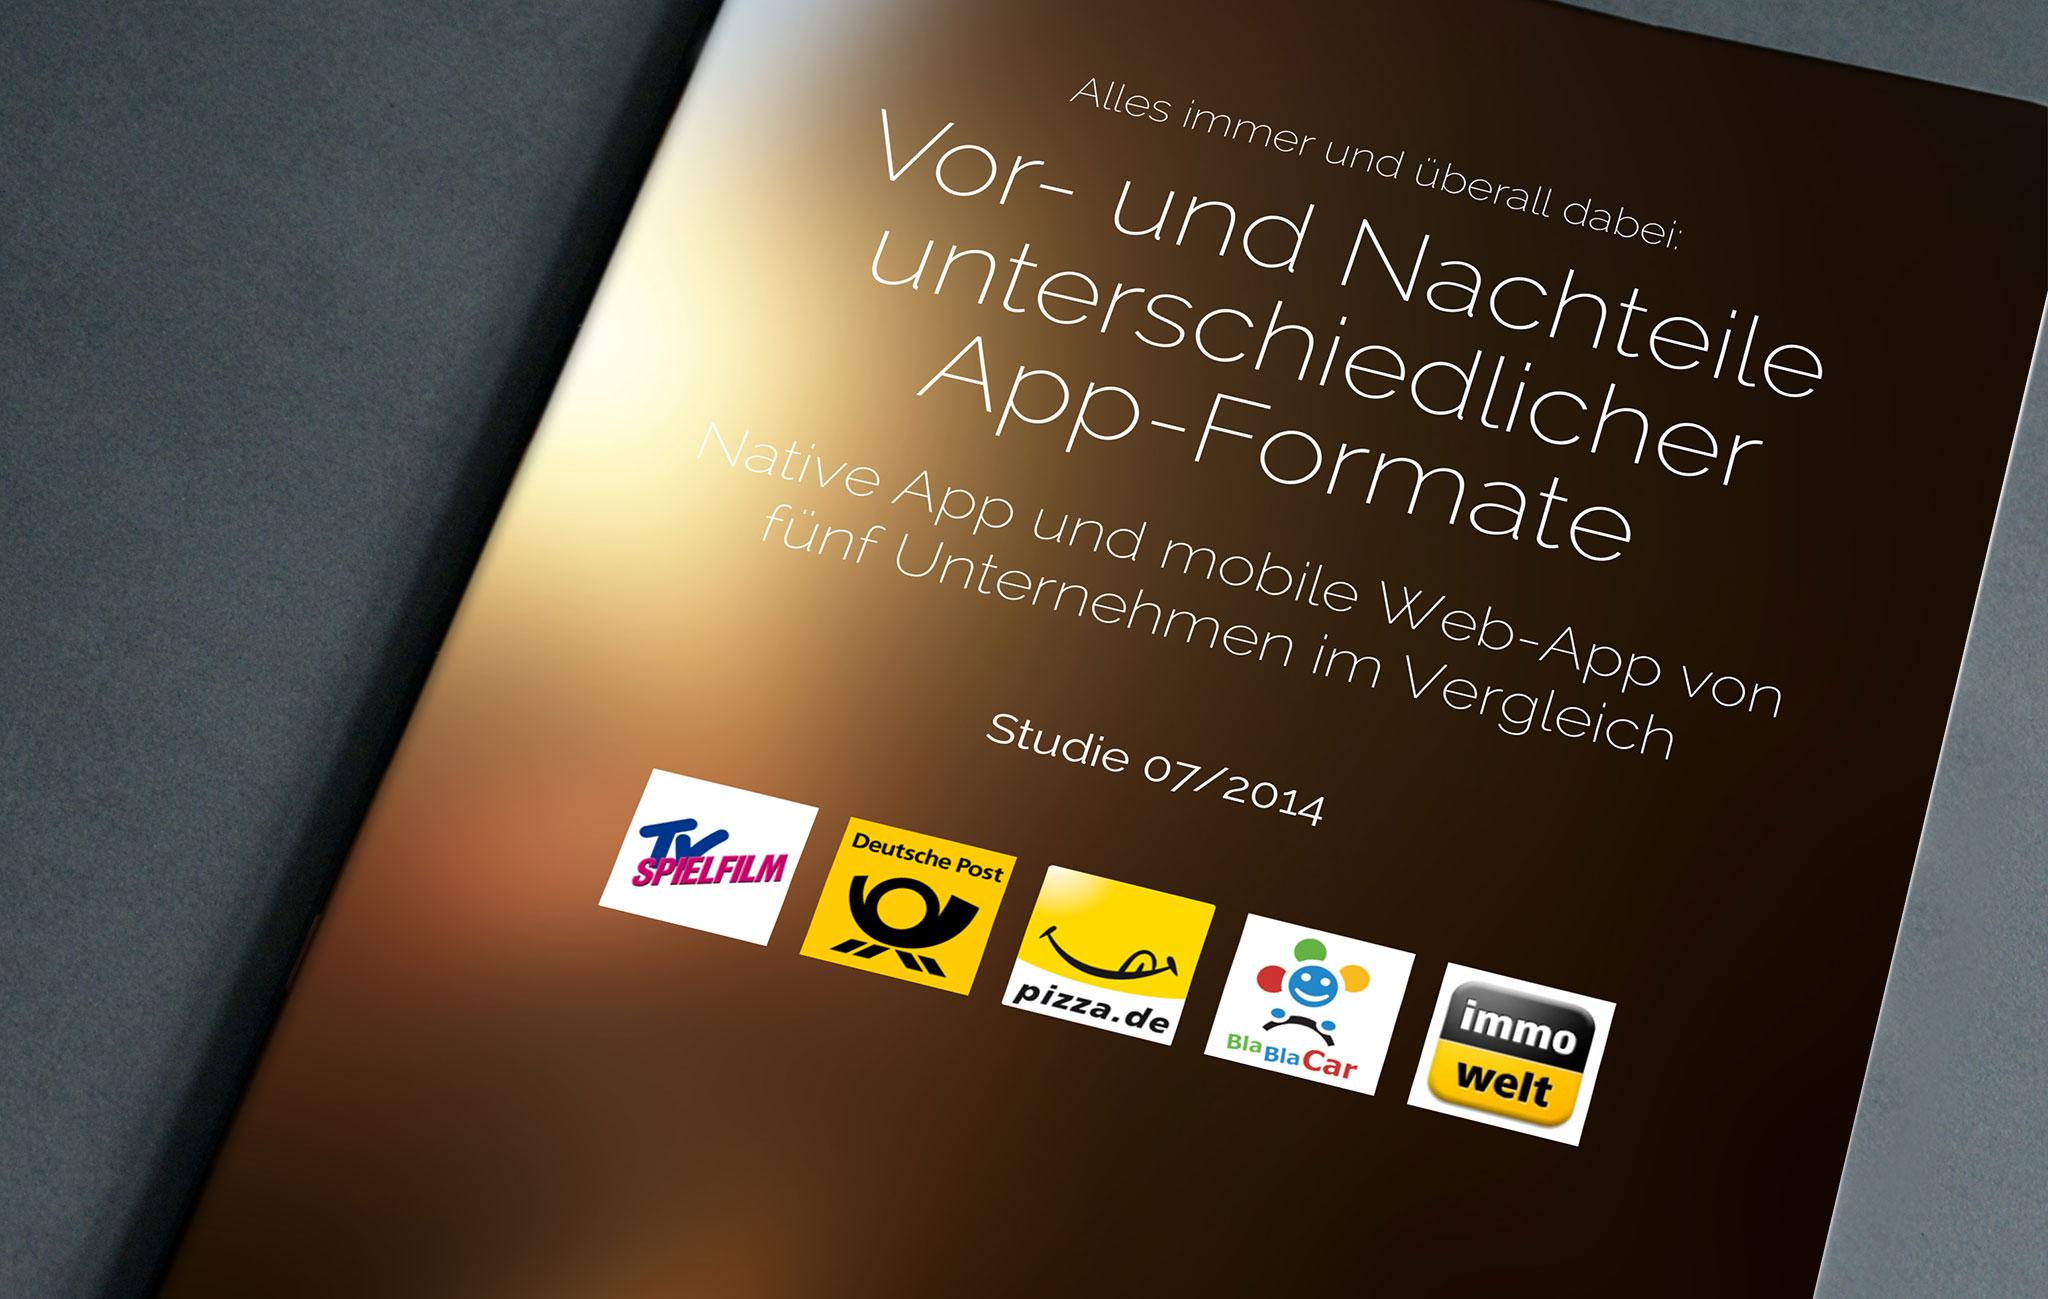 Vor- und Nachteile unterschiedlicher App-Formate